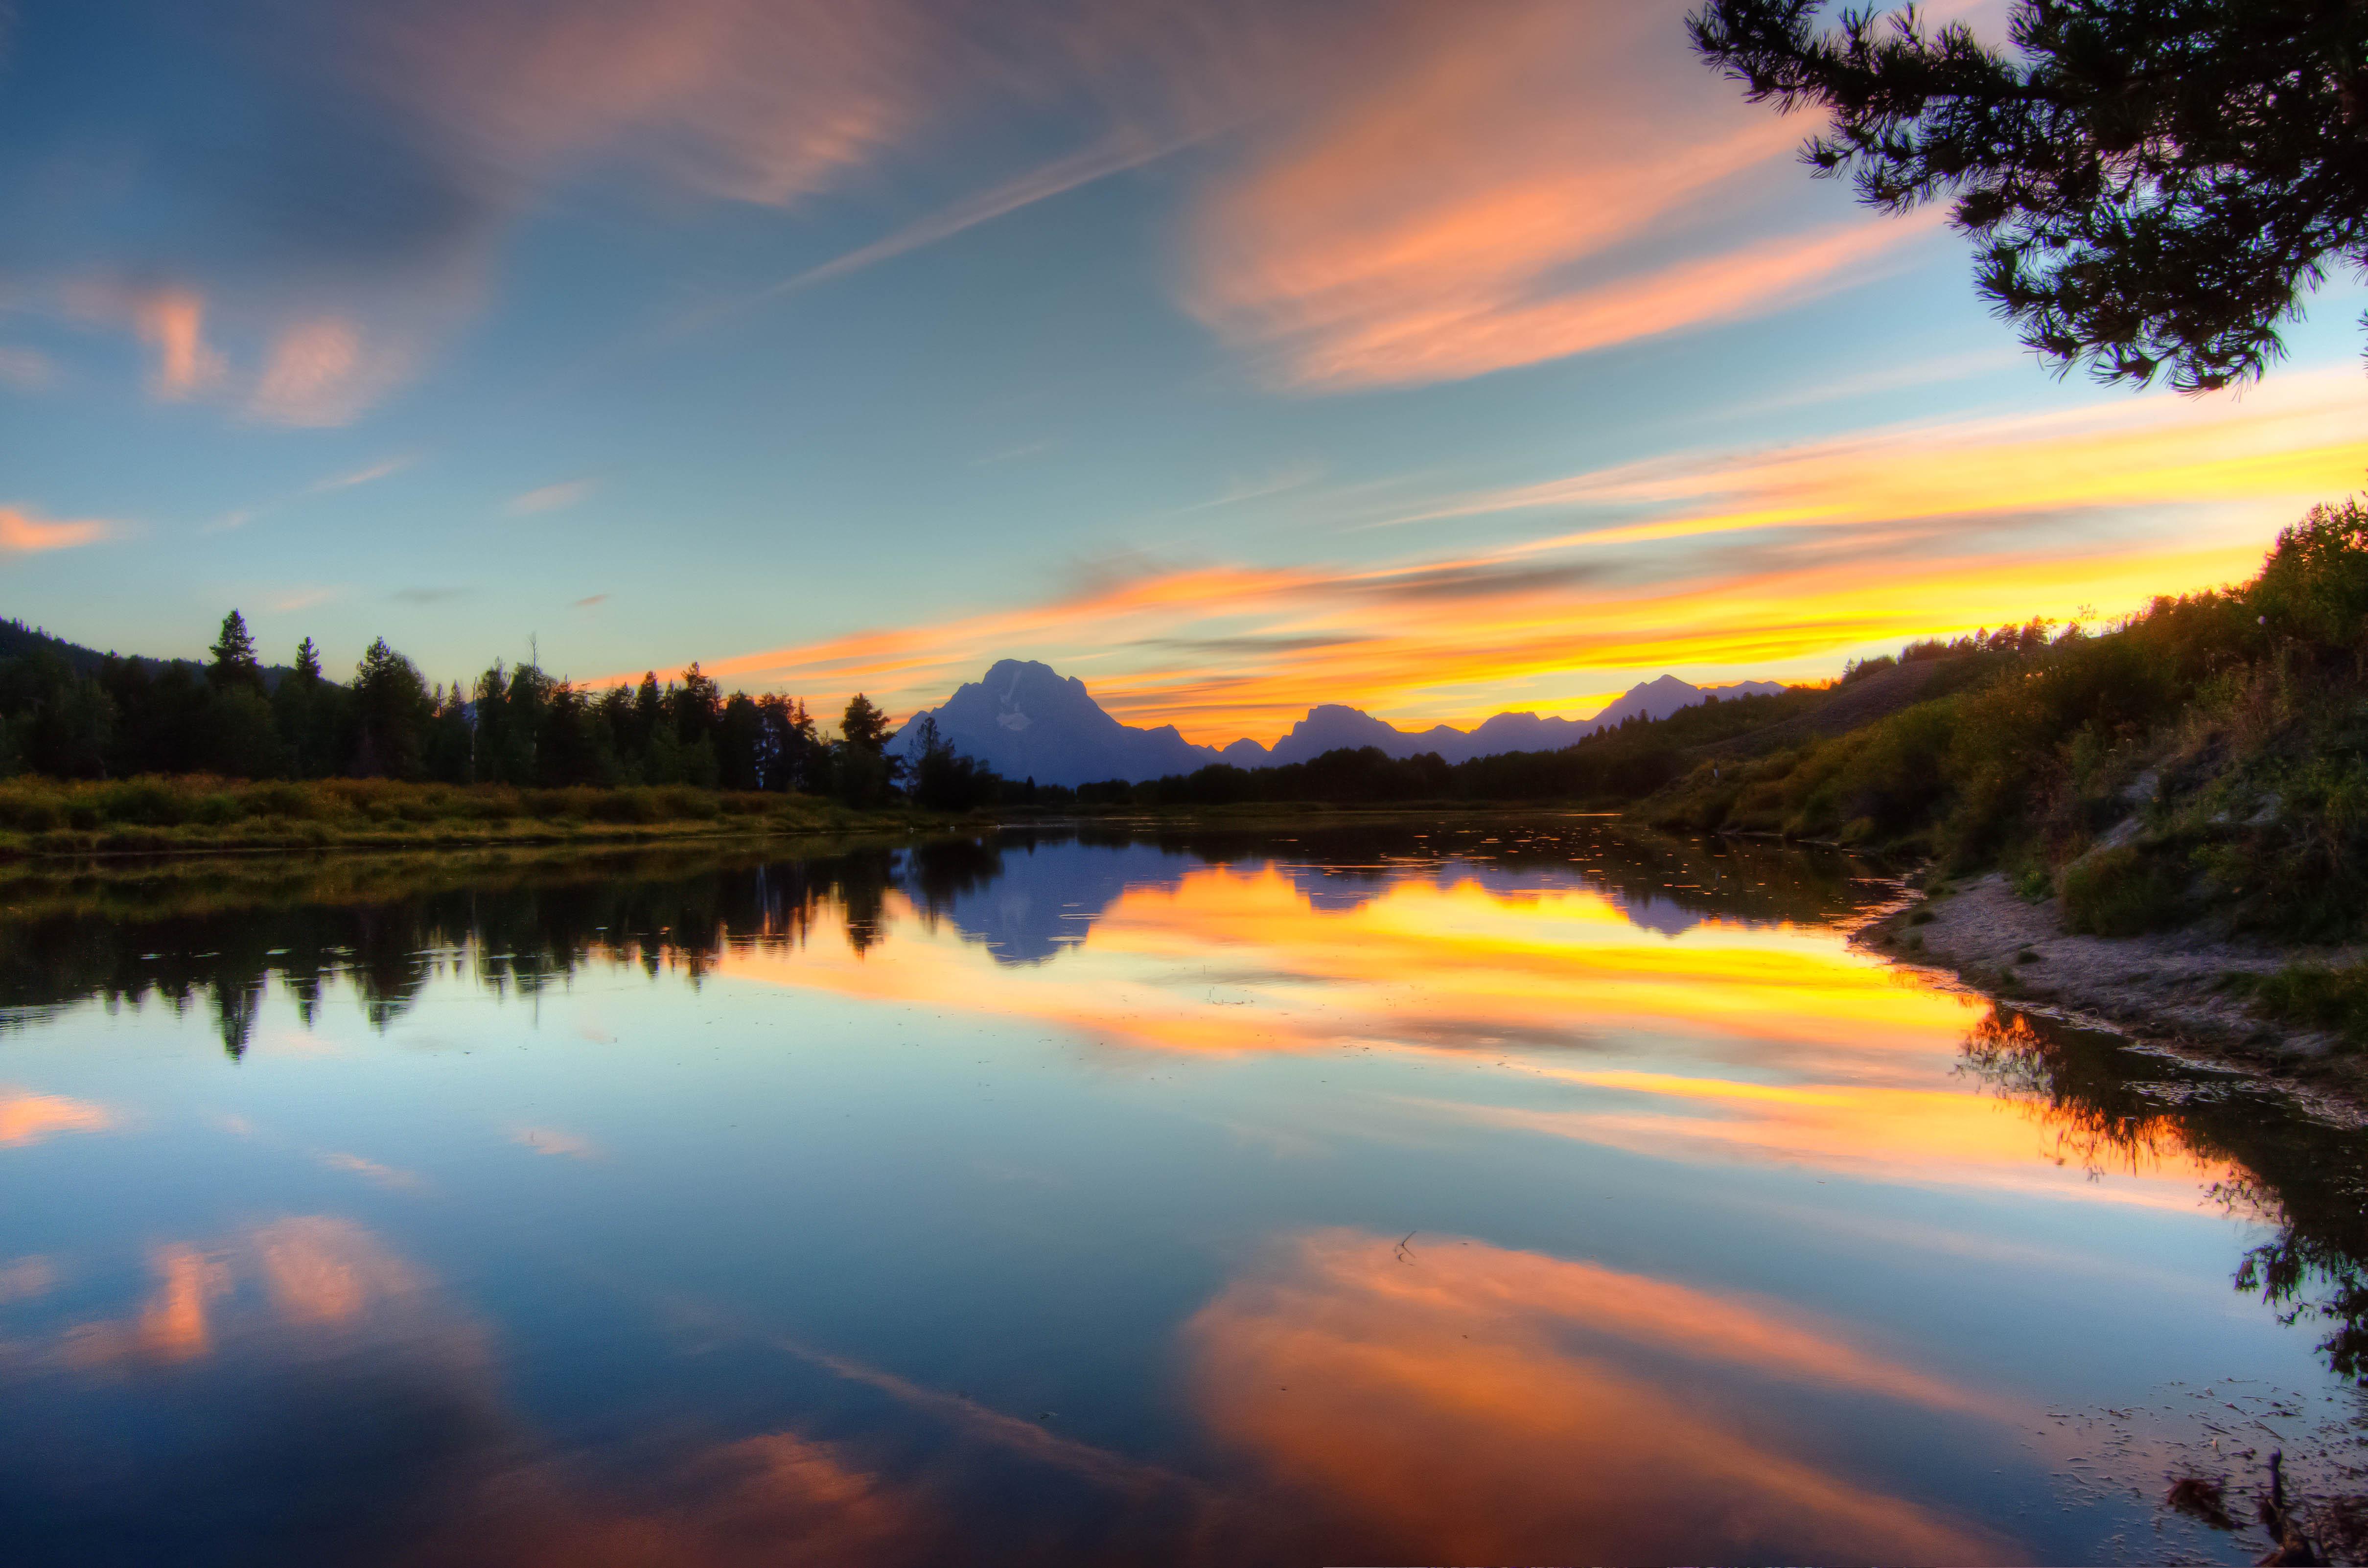 【原始大图】最美不过夕阳红 如何拍摄好日落照片图片